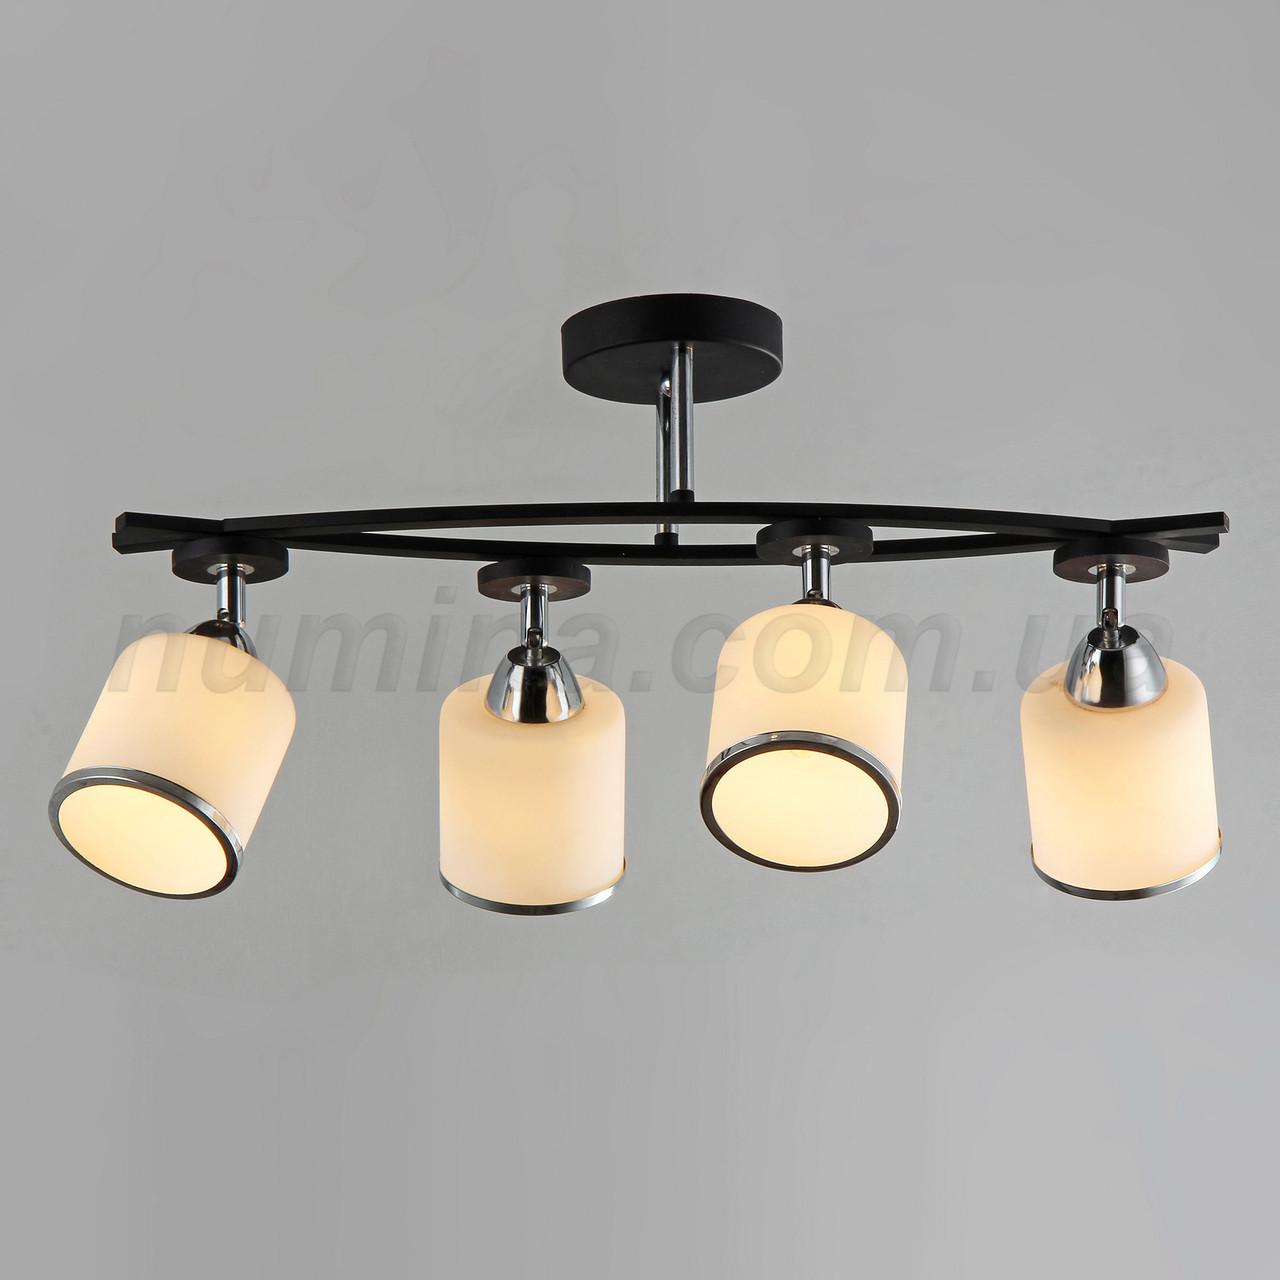 Люстра потолочная на 4 лампы 3-A2445/4 BK+CH